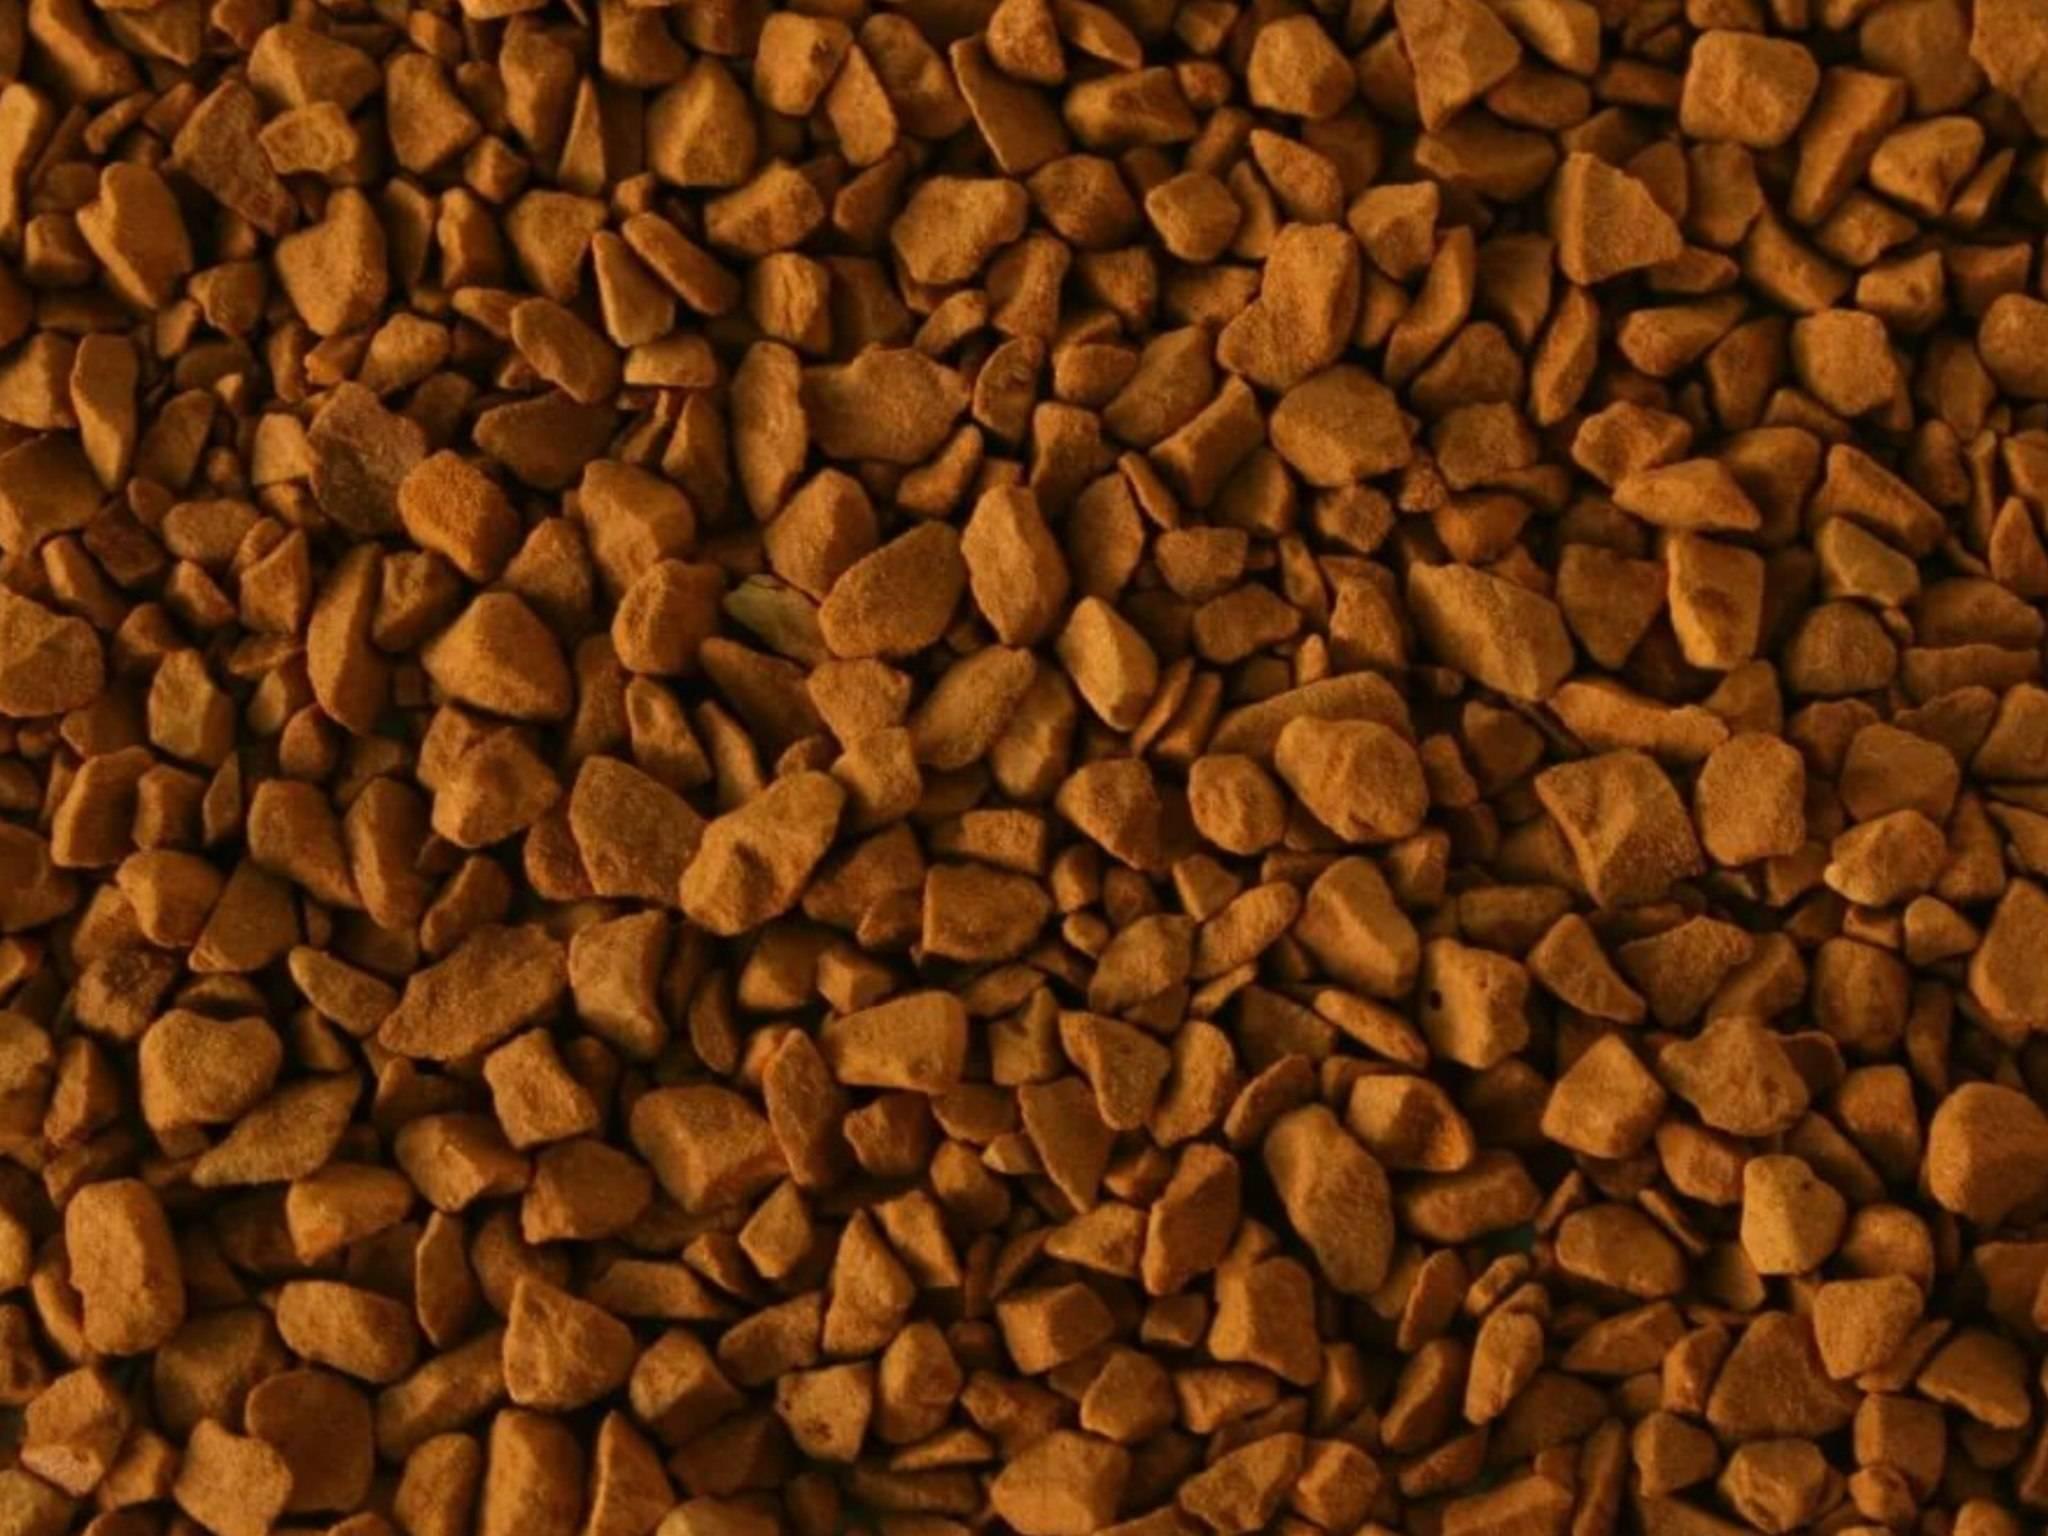 Сублимированный кофе, производство, отличие от растворимого